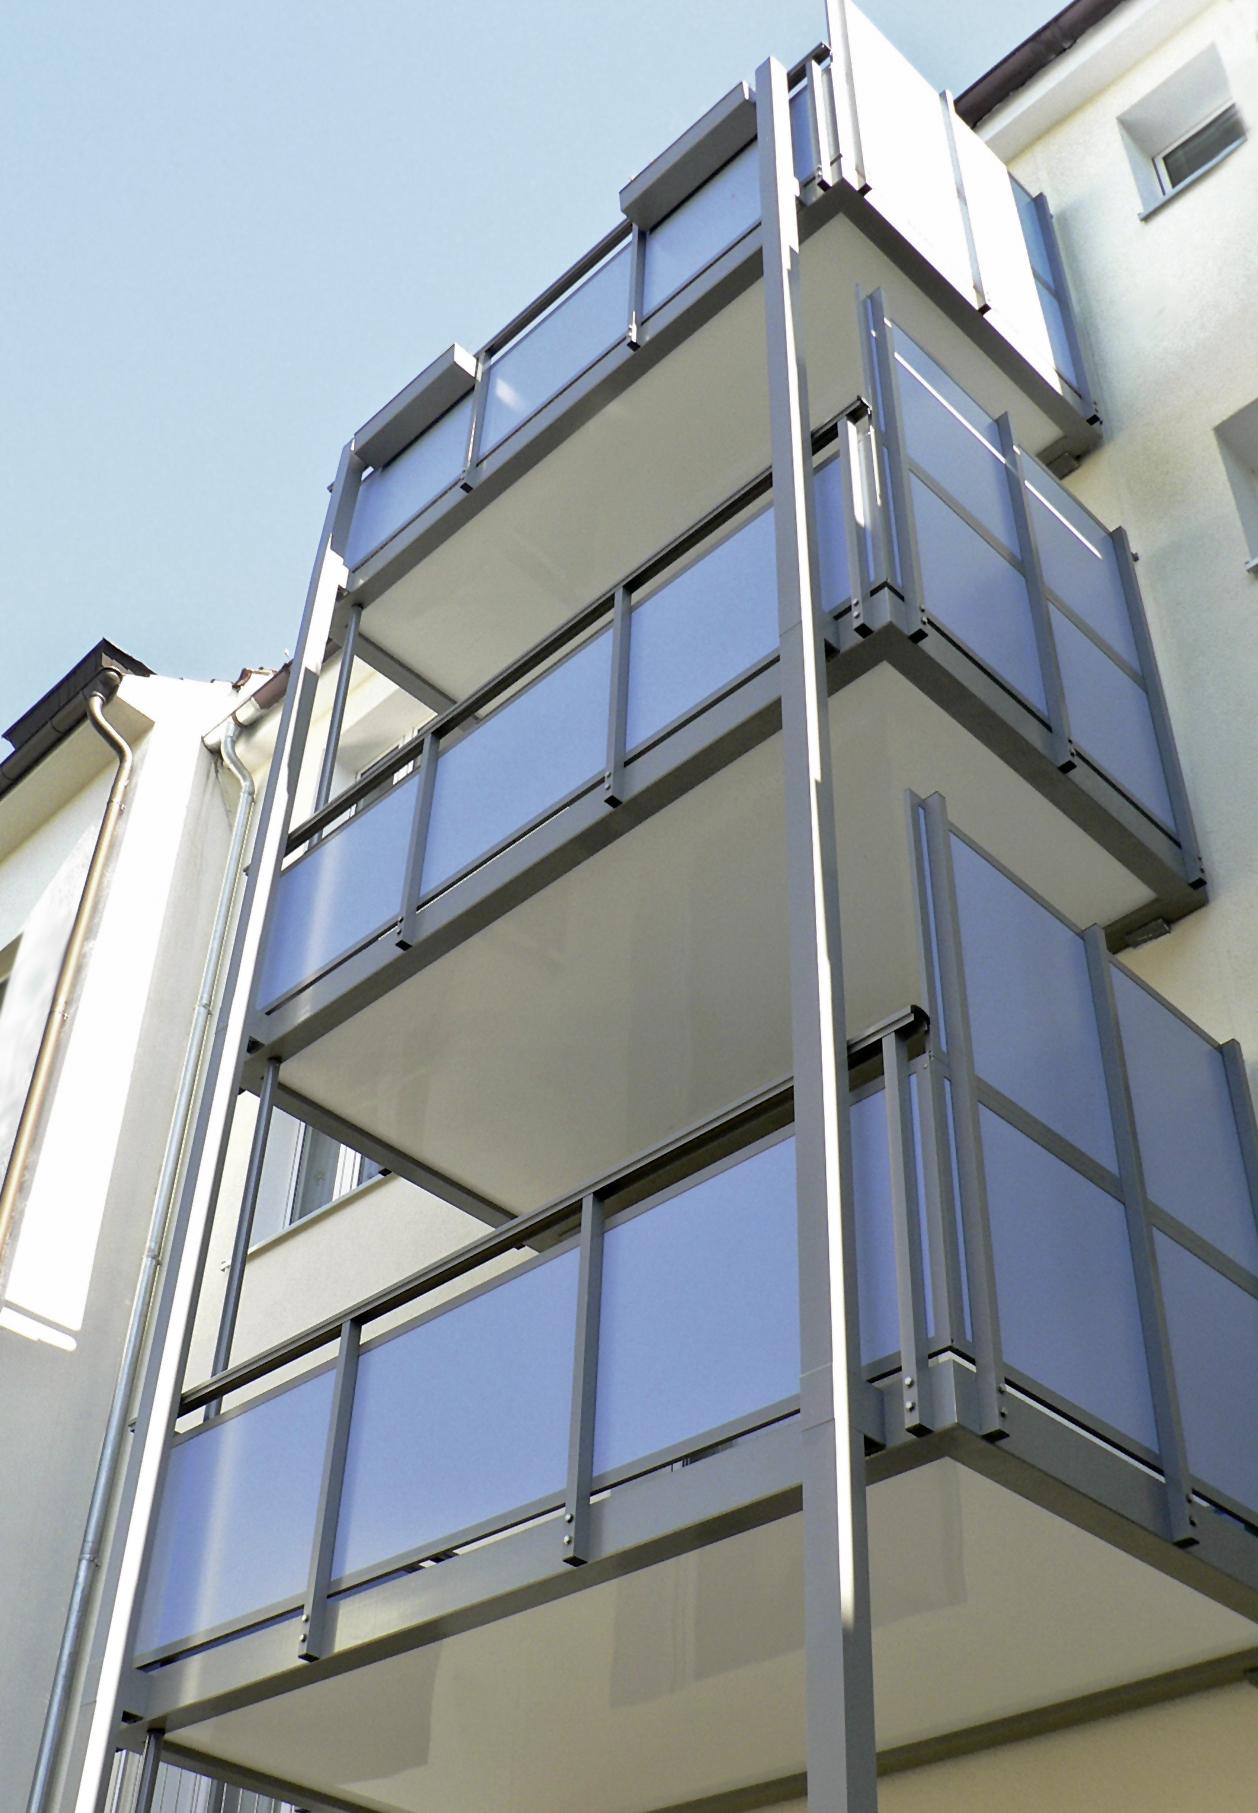 die vorteile von hpl platten als balkonverkleidung v rde. Black Bedroom Furniture Sets. Home Design Ideas